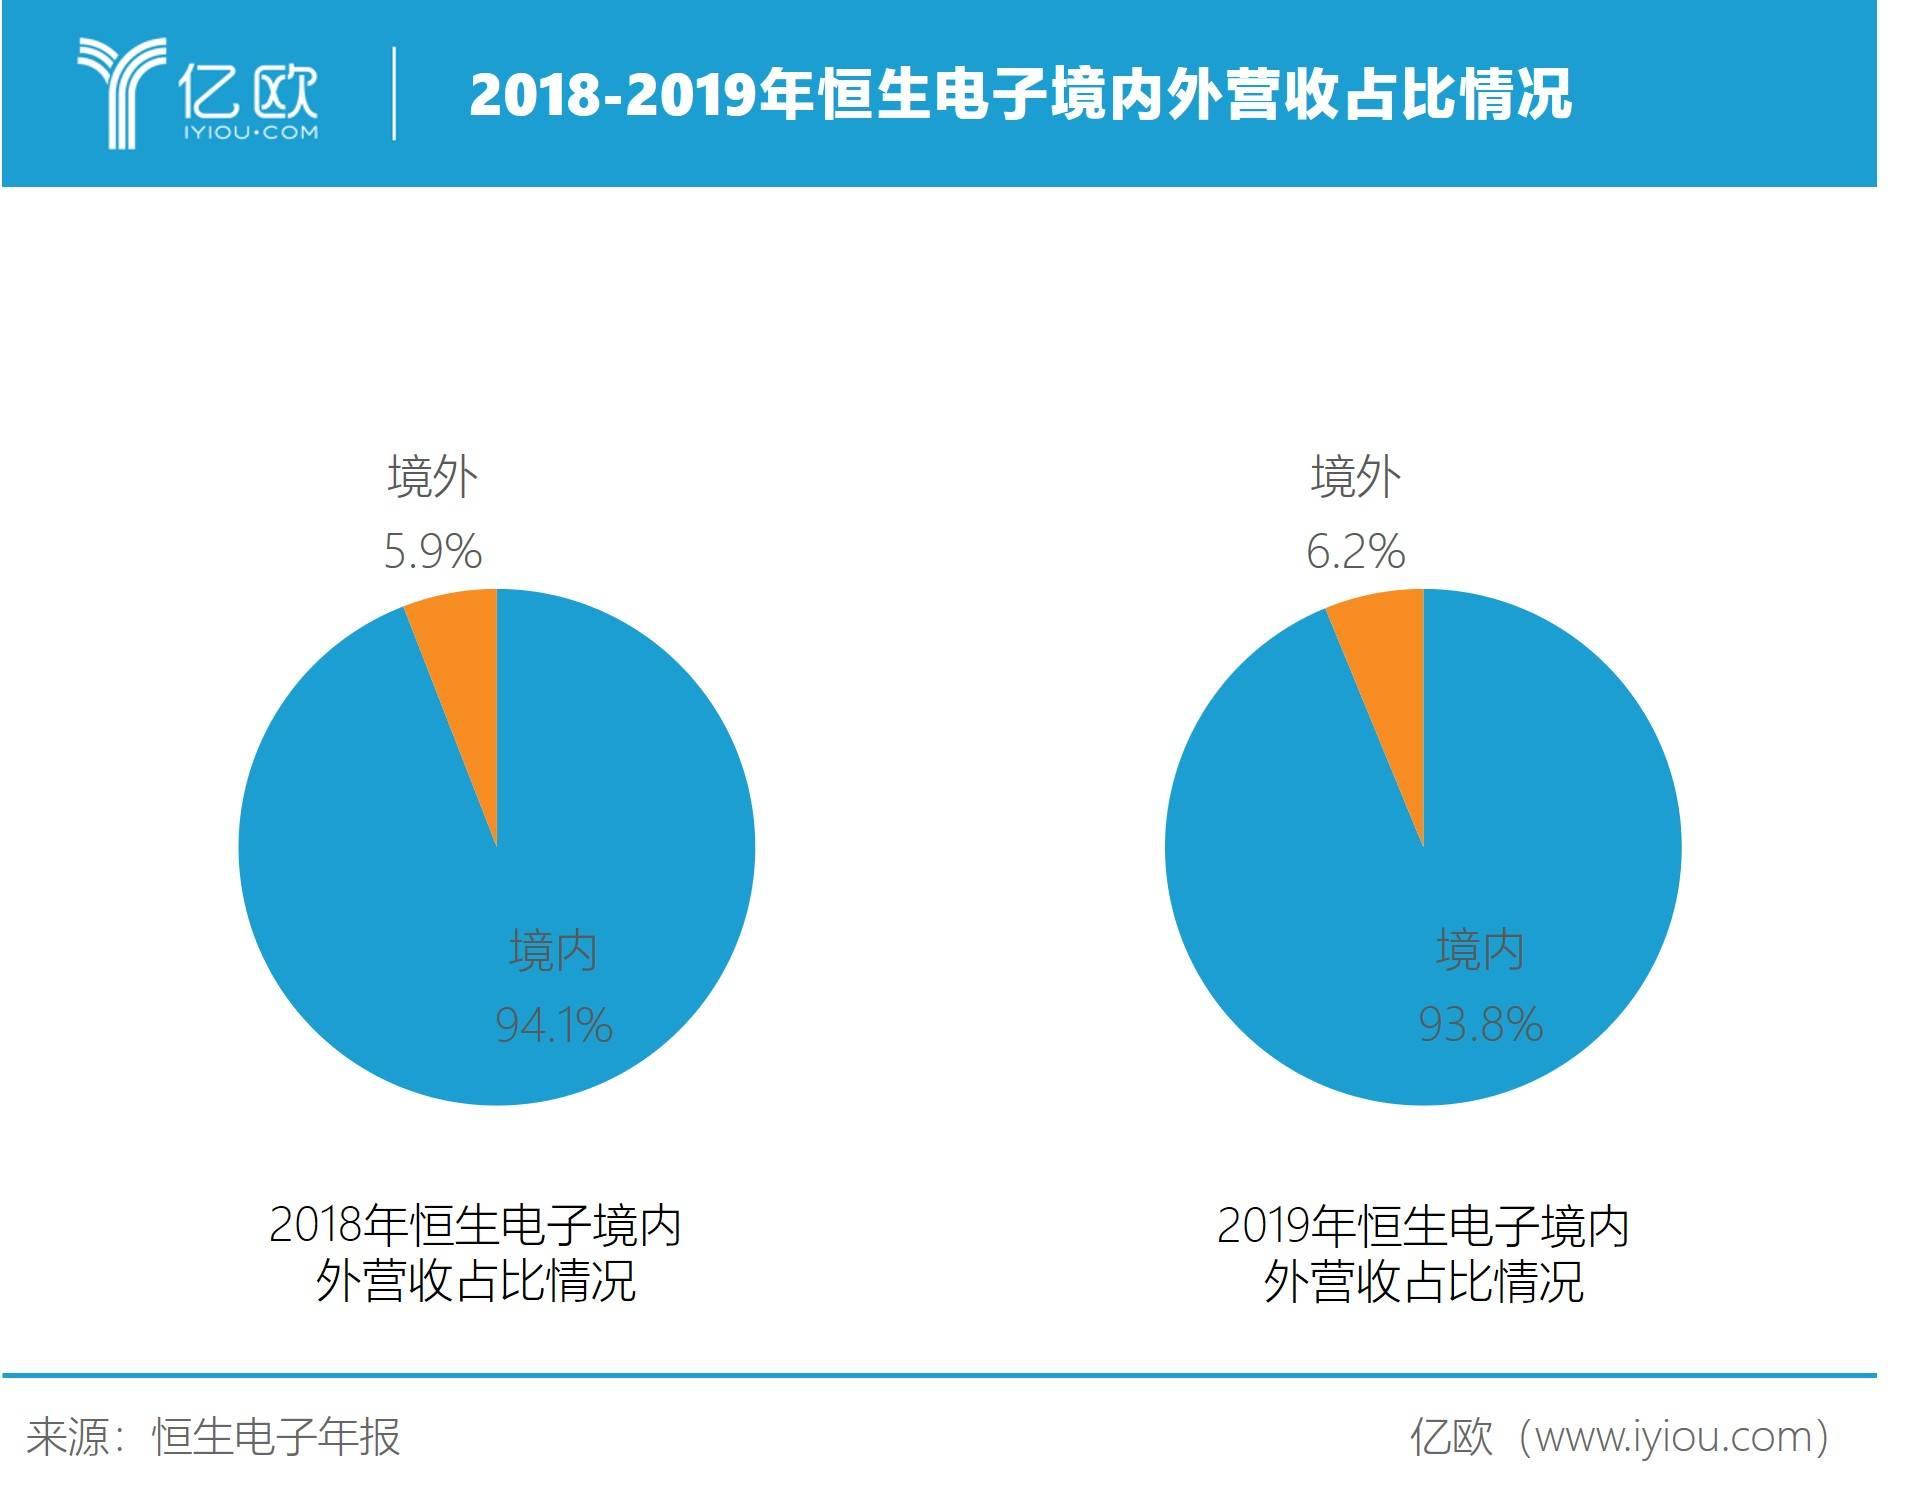 2018-2019年恒生电子境内外营收占比情况